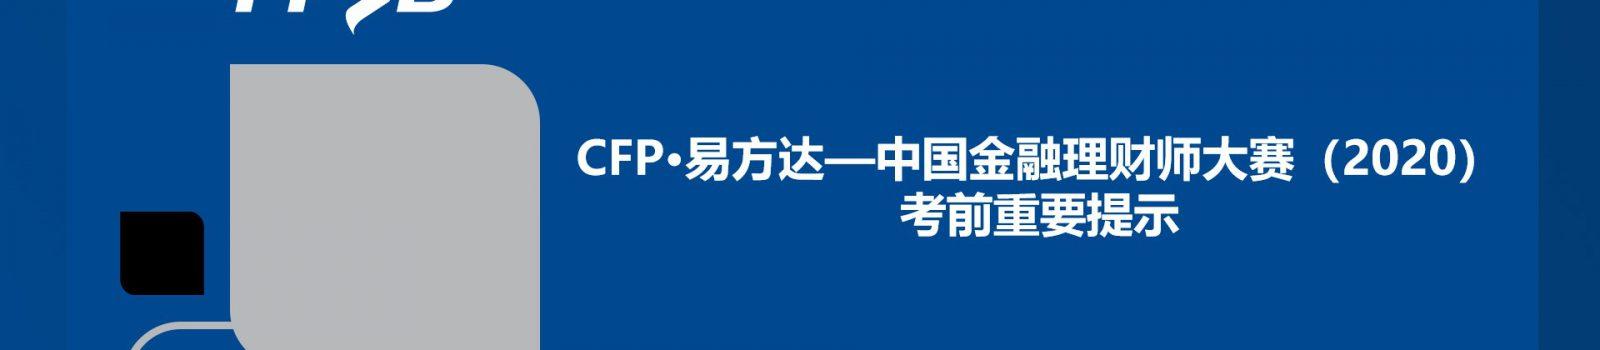 CFP·易方达—中国金融理财师大赛(2020)考前重要提示